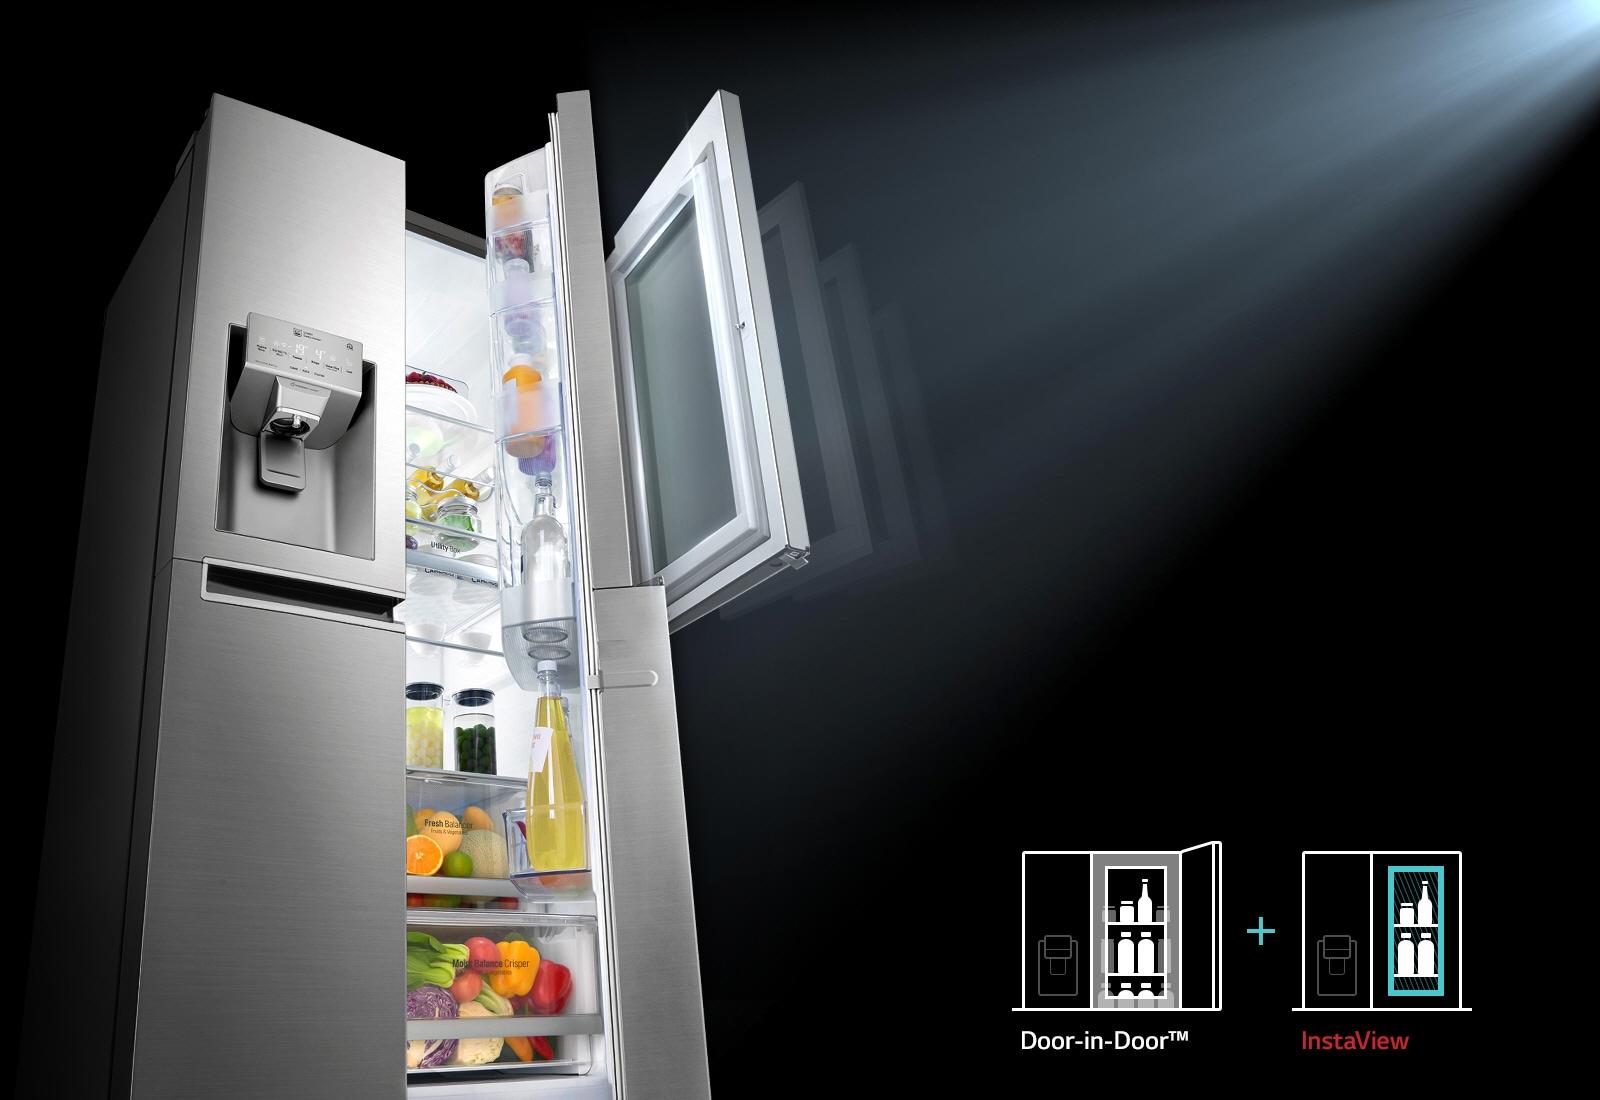 ตู้เย็น InstaView Door-in-Door™ นวัตกรรมบานประตูแบบใหม่